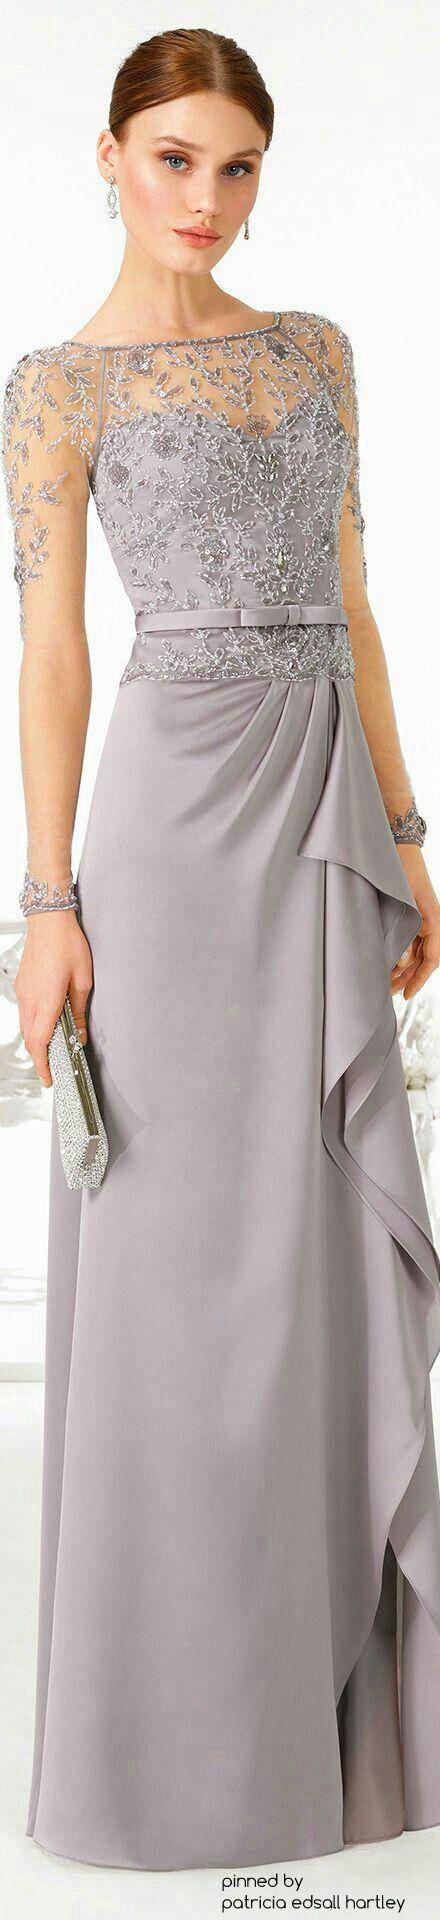 #Madrinha #Casamento #Vestido